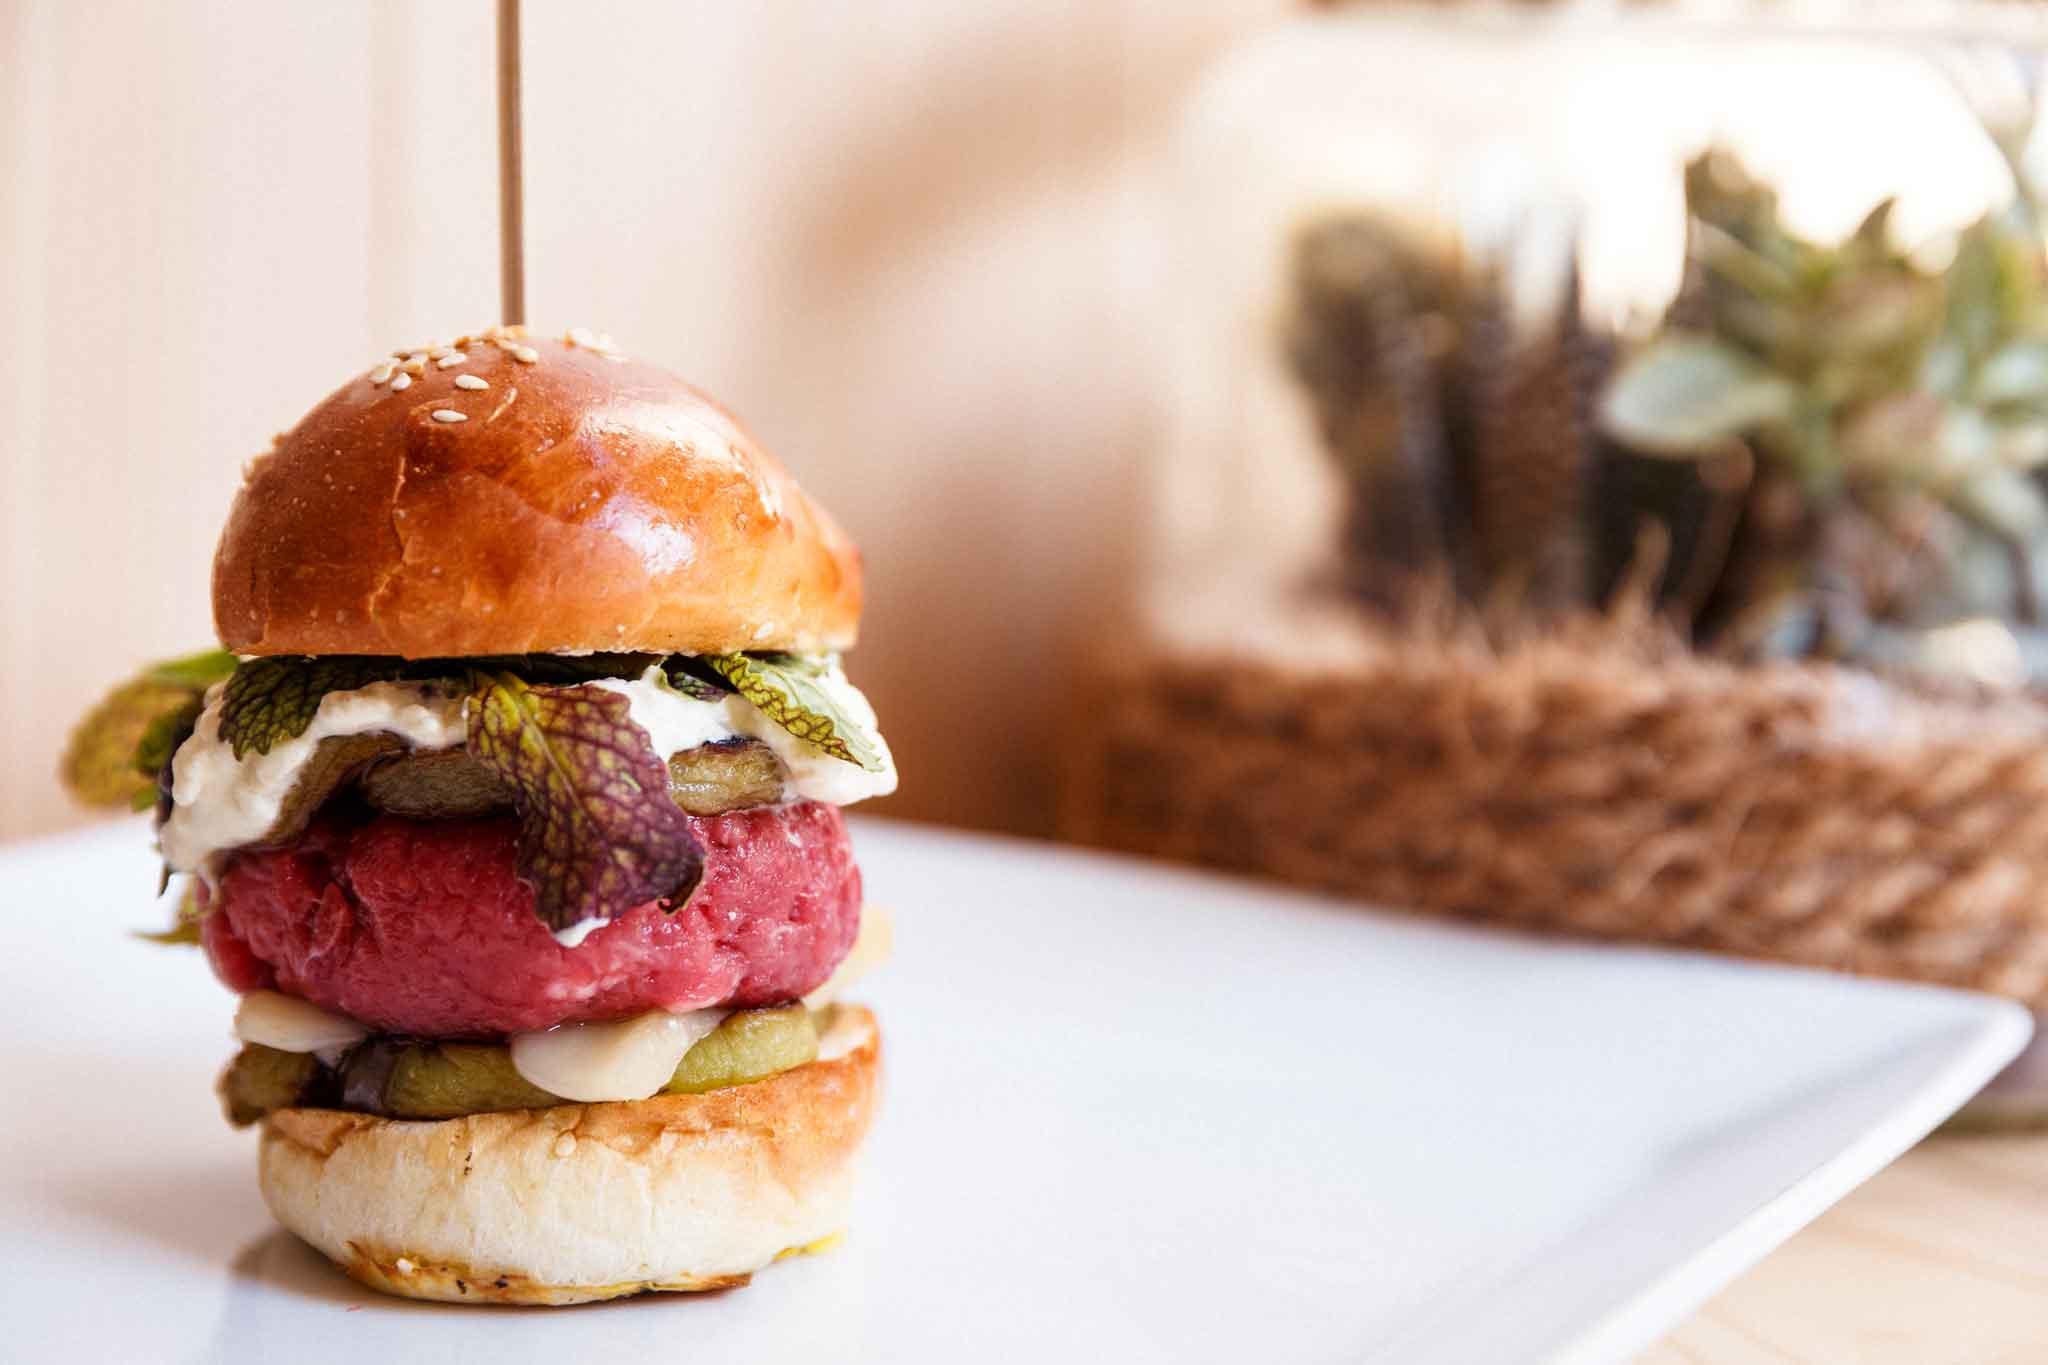 hamburger 12 Morsi Sposito